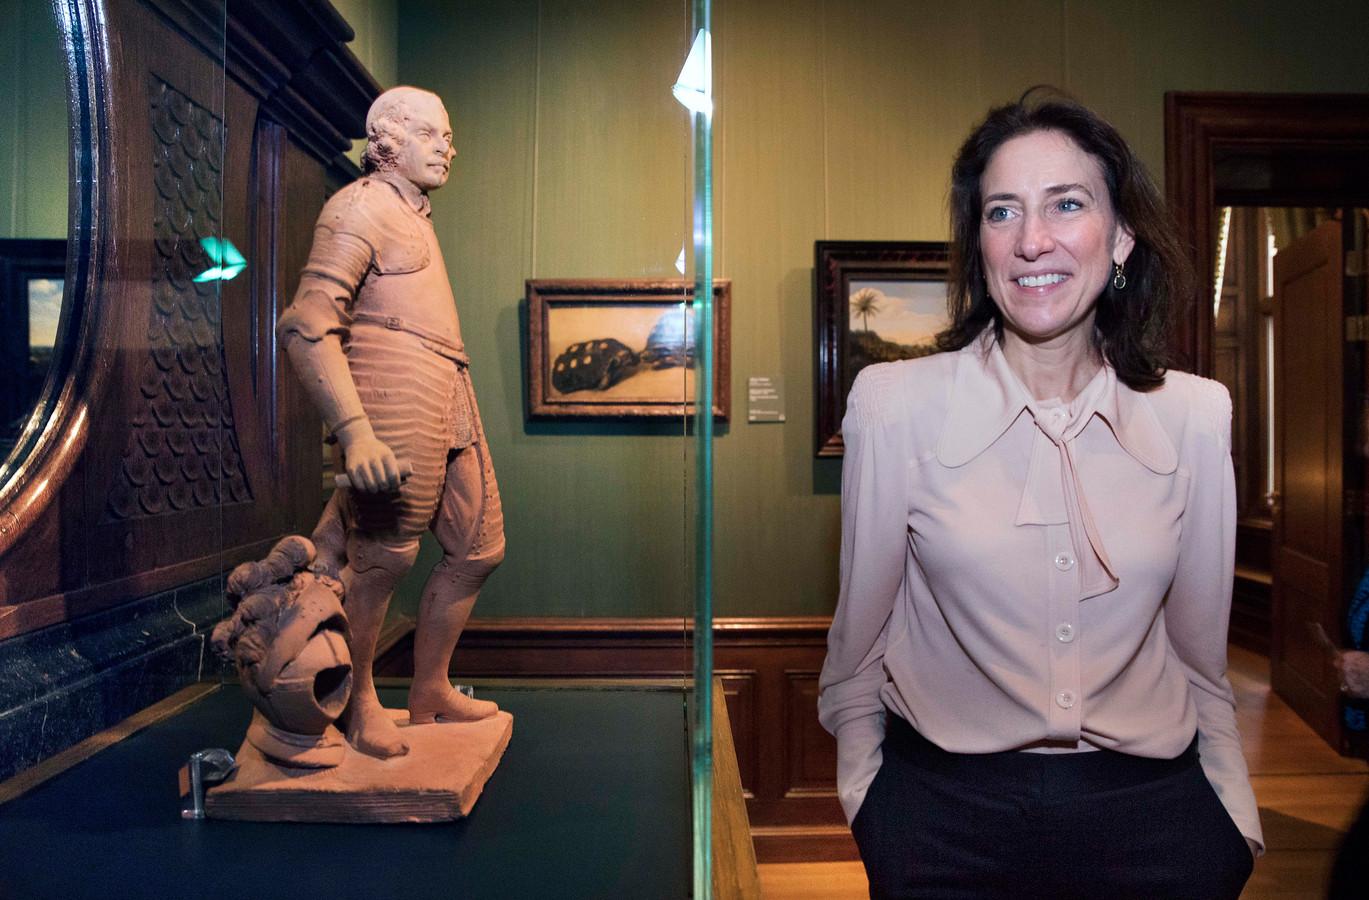 Directeur Emilie Gordenker in zaal 13, het kabinet dat sinds vorig jaar is opgedragen aan de naamgever van het museum.